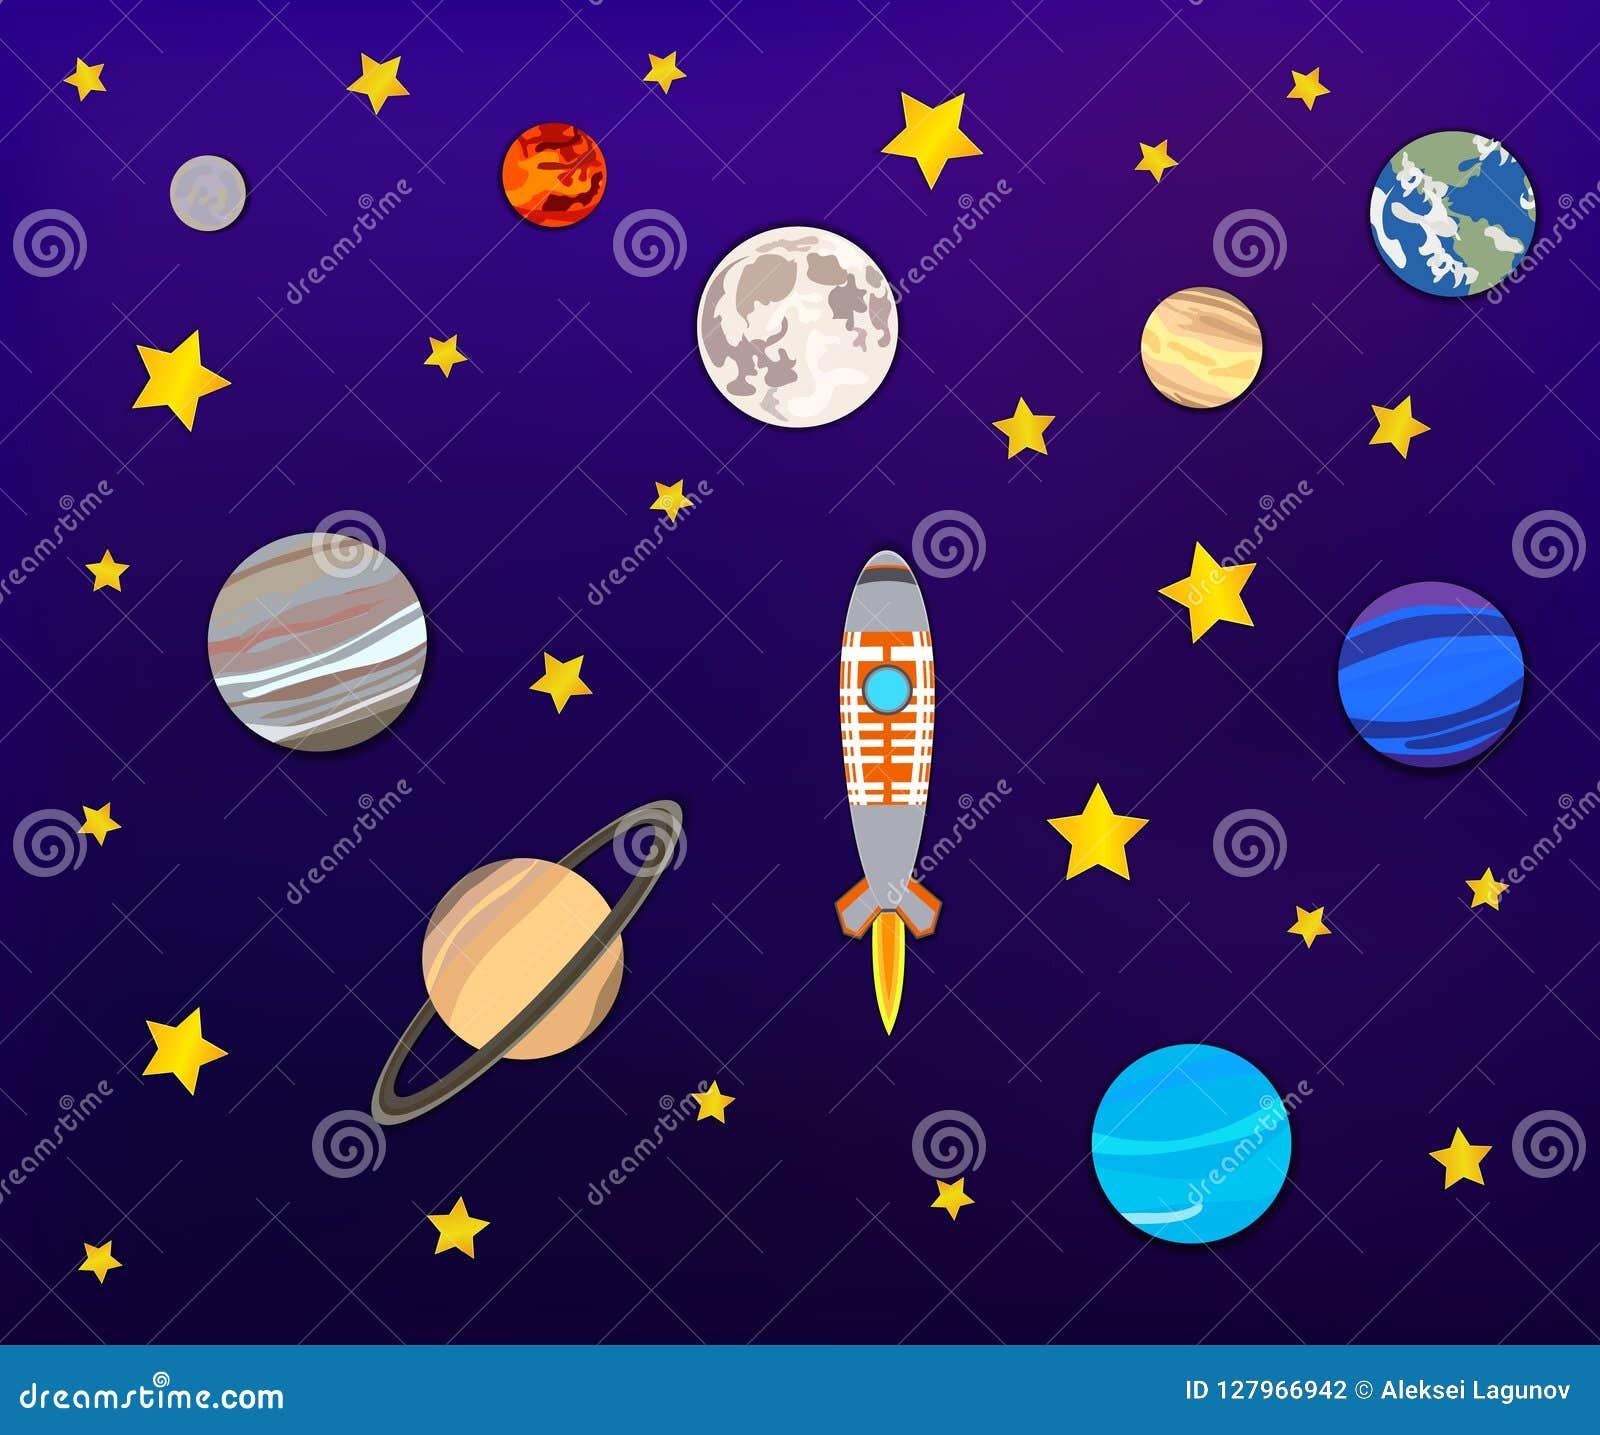 Vectordocument Kunst: Ruimteavontuur, Planeten, Maan, Sterren en Raket